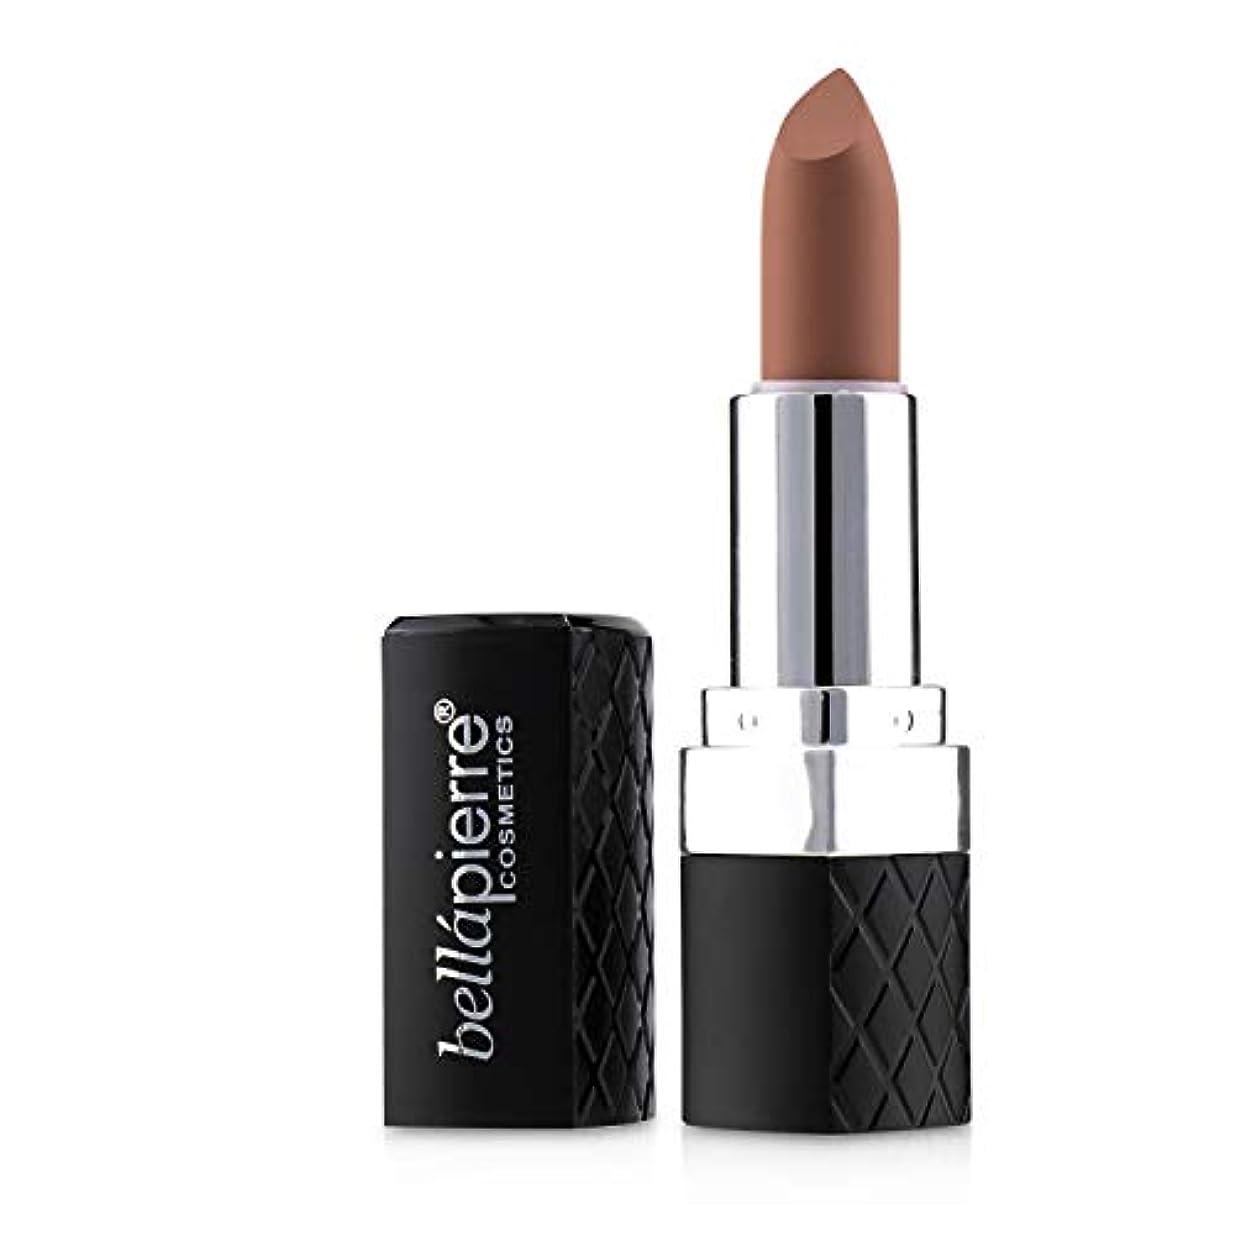 固体美容師番号Bellapierre Cosmetics Matte Lipstick - # Incognito (Caramel Nude) 3.5g/0.123oz並行輸入品